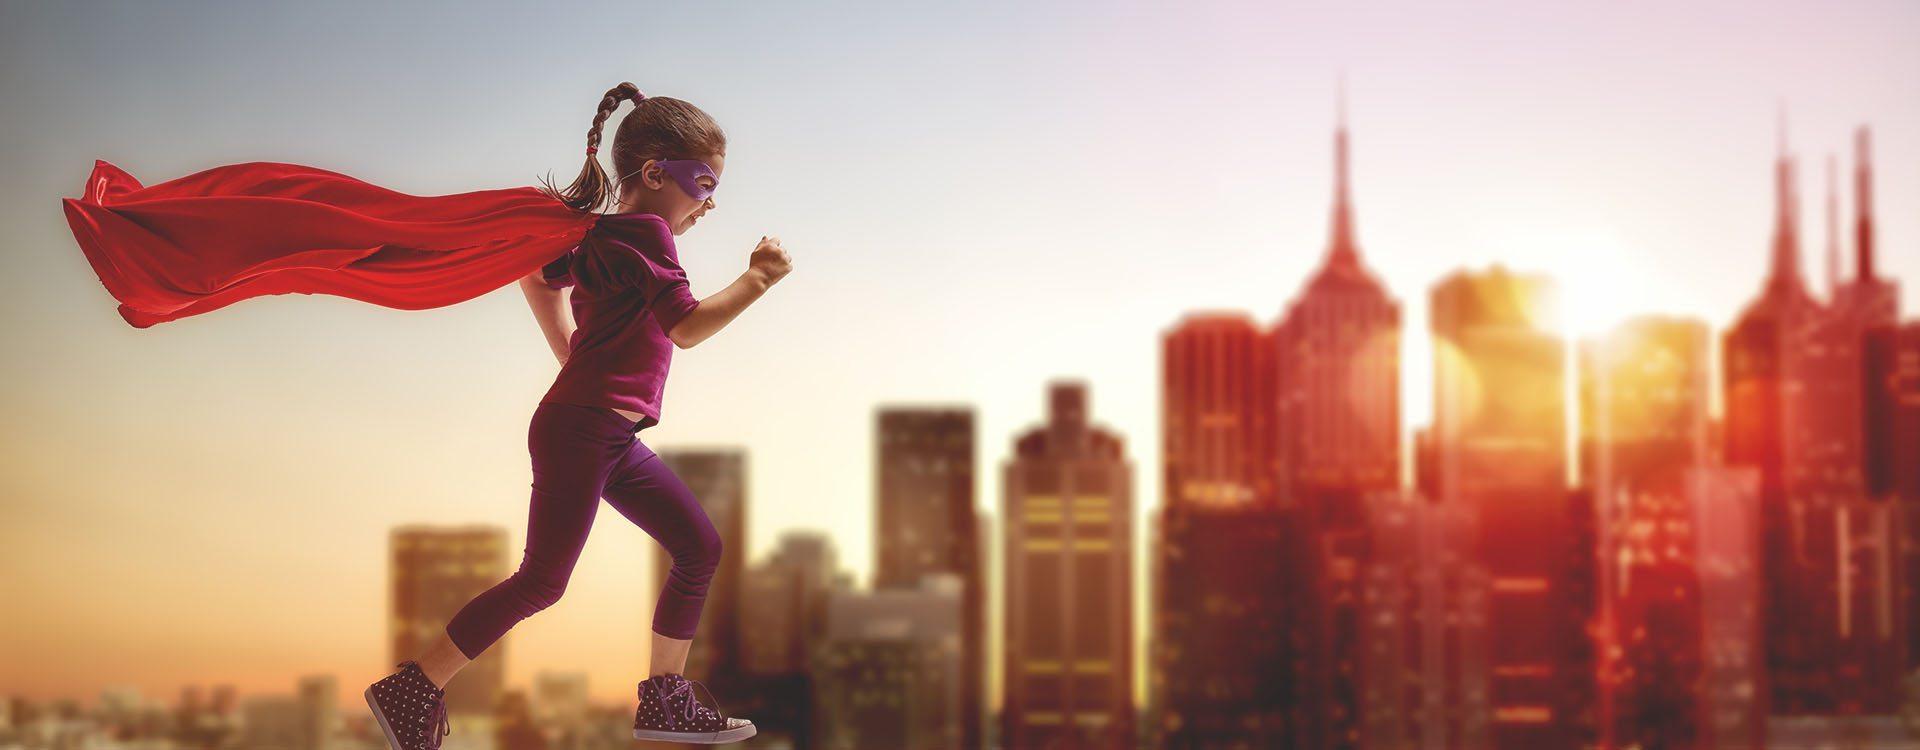 Trening Mentalny Niebieska Sprężynka - Terapia Dzieci i Młodzieży